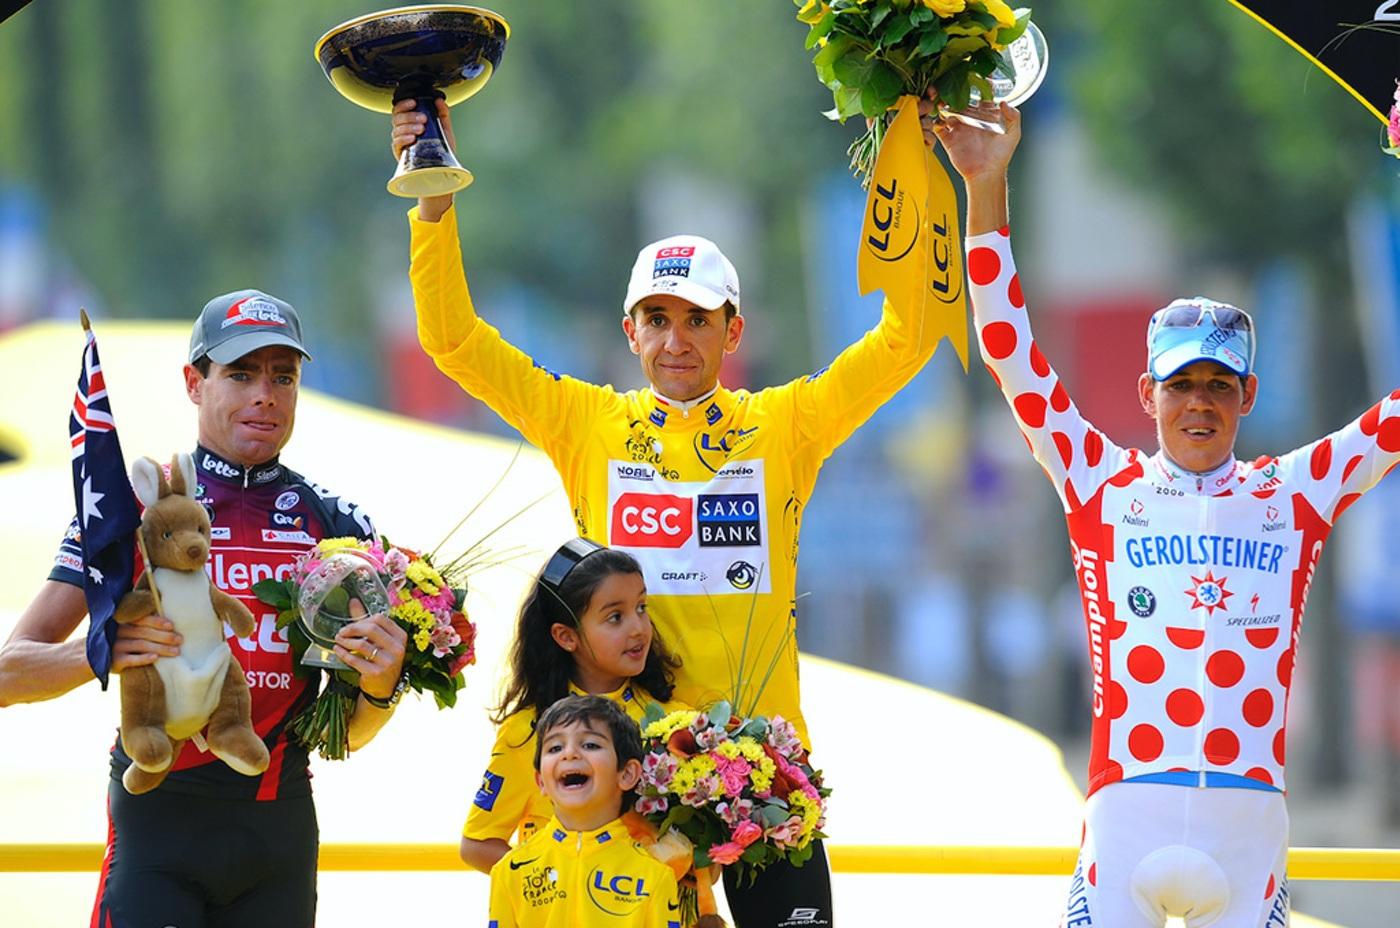 Rotor, el denominador común de la victoria en el ciclismo